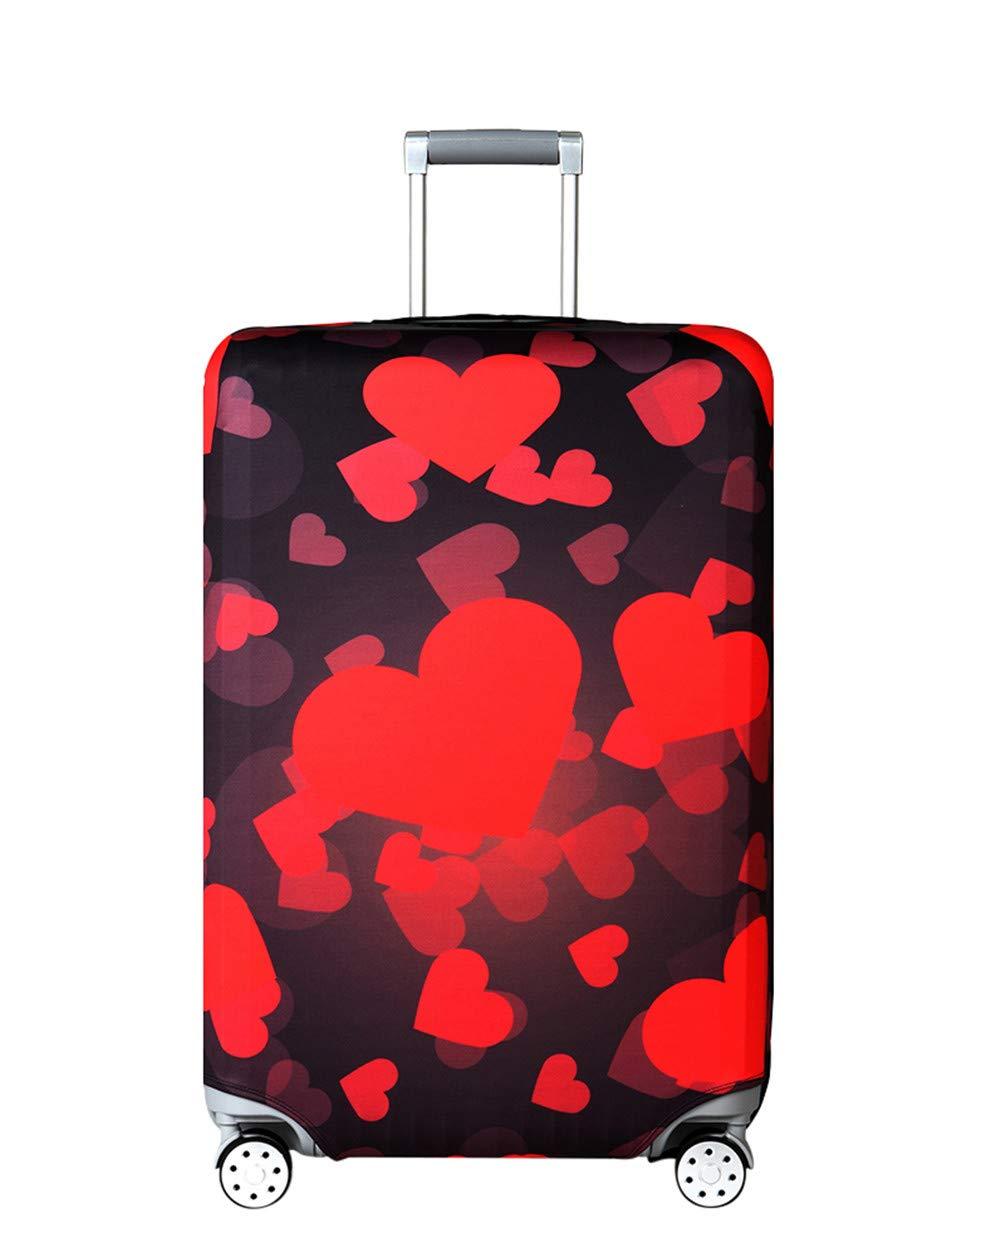 Elastique Housse de Valise Luggage Cover pour 18-32 Pouce Valise 18-21 Pouces Protection De Valise Housse Bagage Voyager Protecteur Couverture,Black,S